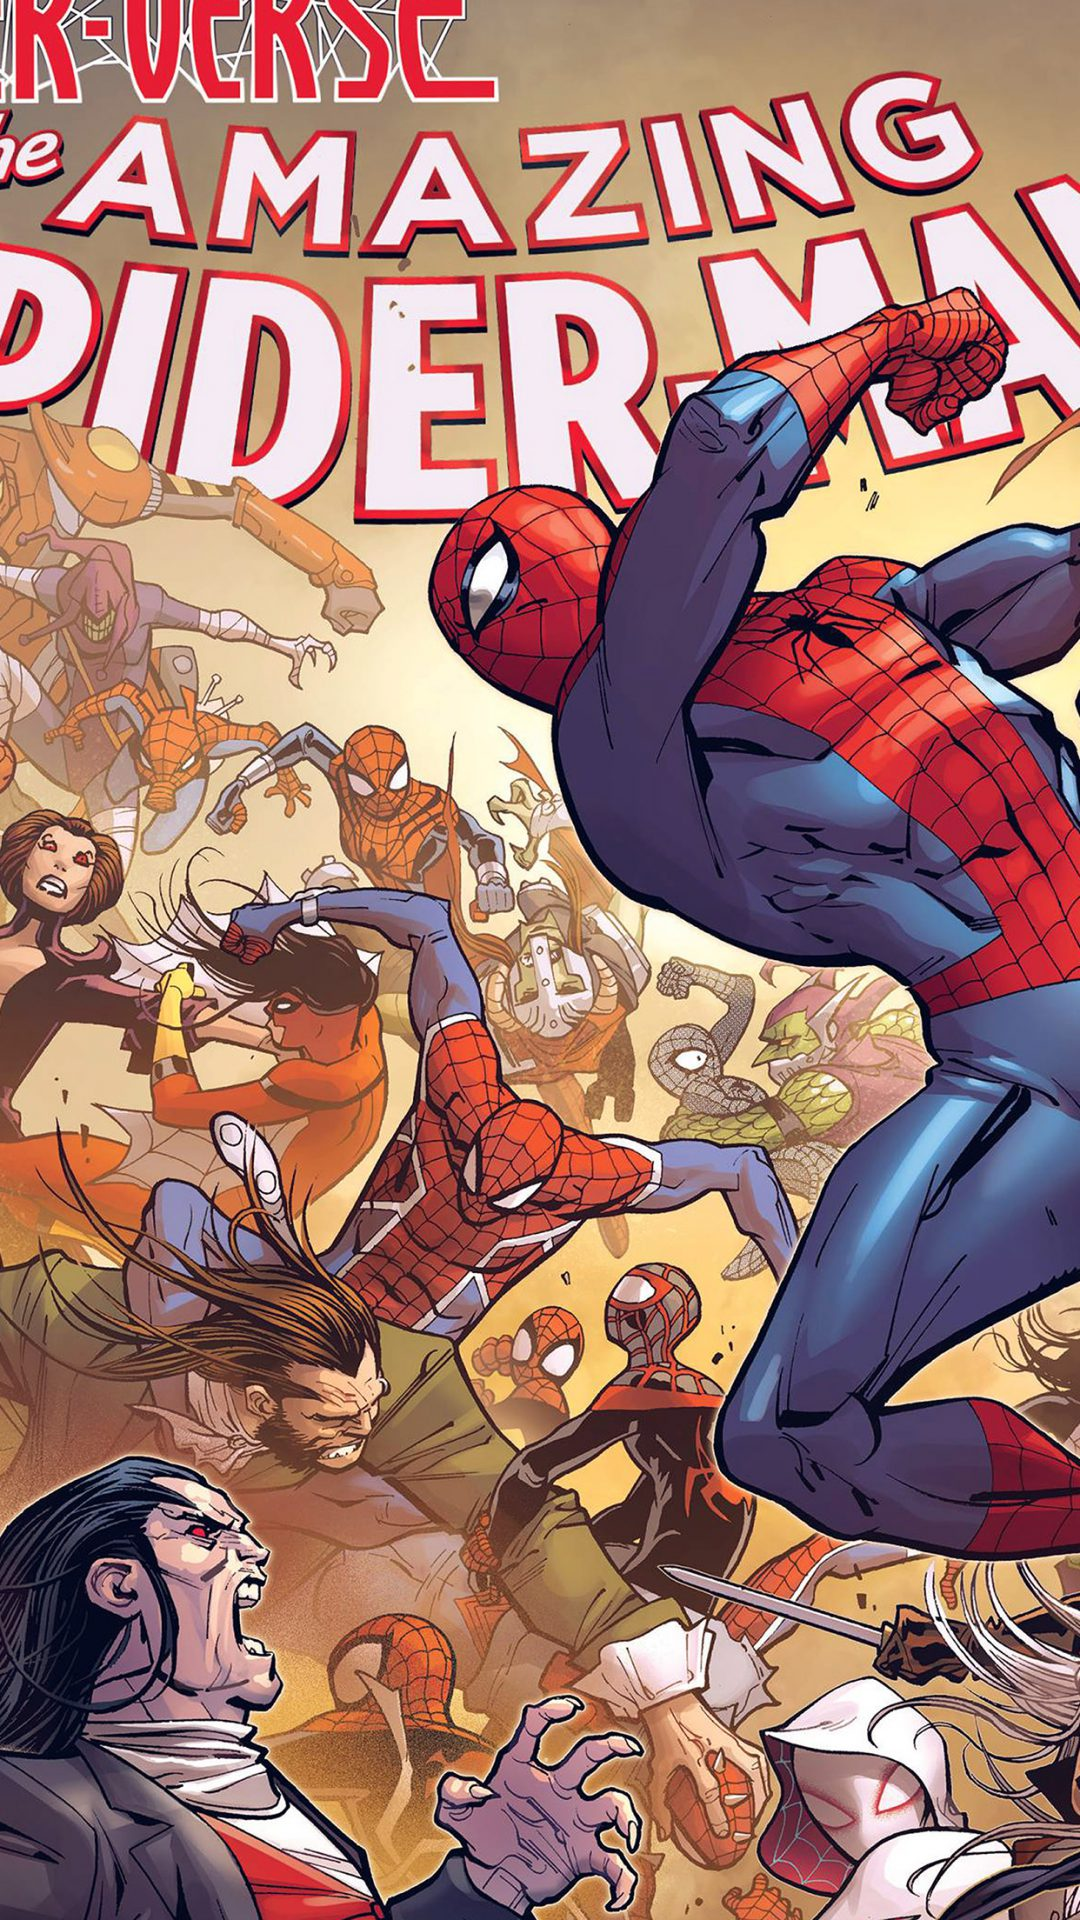 Amazing Spiderman Comics Game Film Illust Art Hero